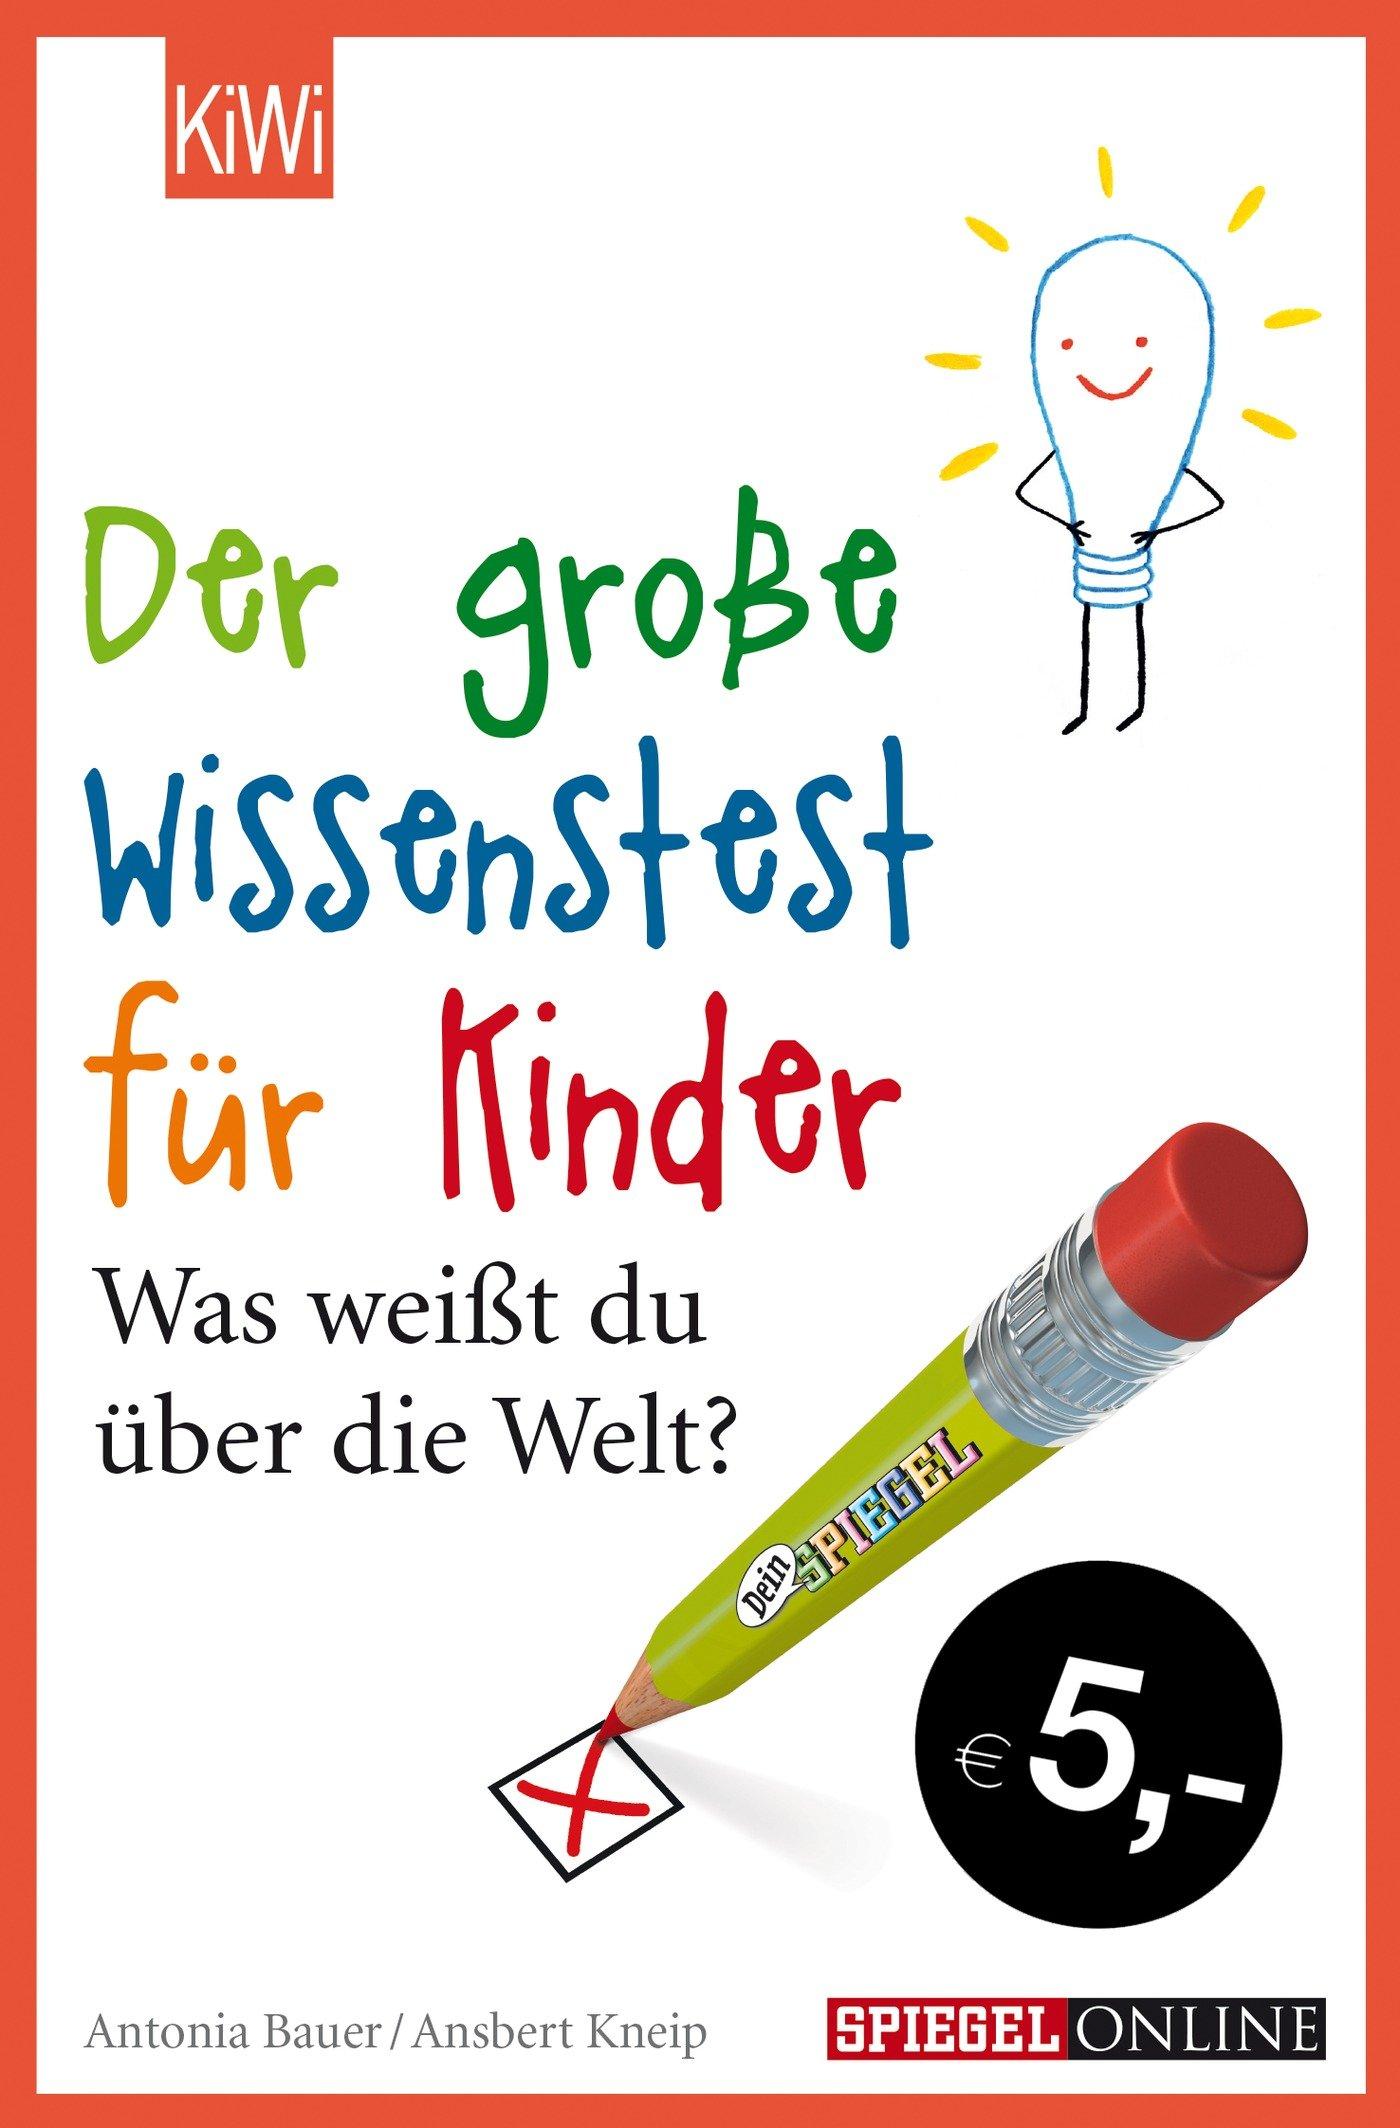 1476Der große Wissenstest für Kinder: Was weißt du über die Welt? Taschenbuch – 10. März 2016 Ansbert Kneip Antonia Bauer KiWi-Taschenbuch 3462048597